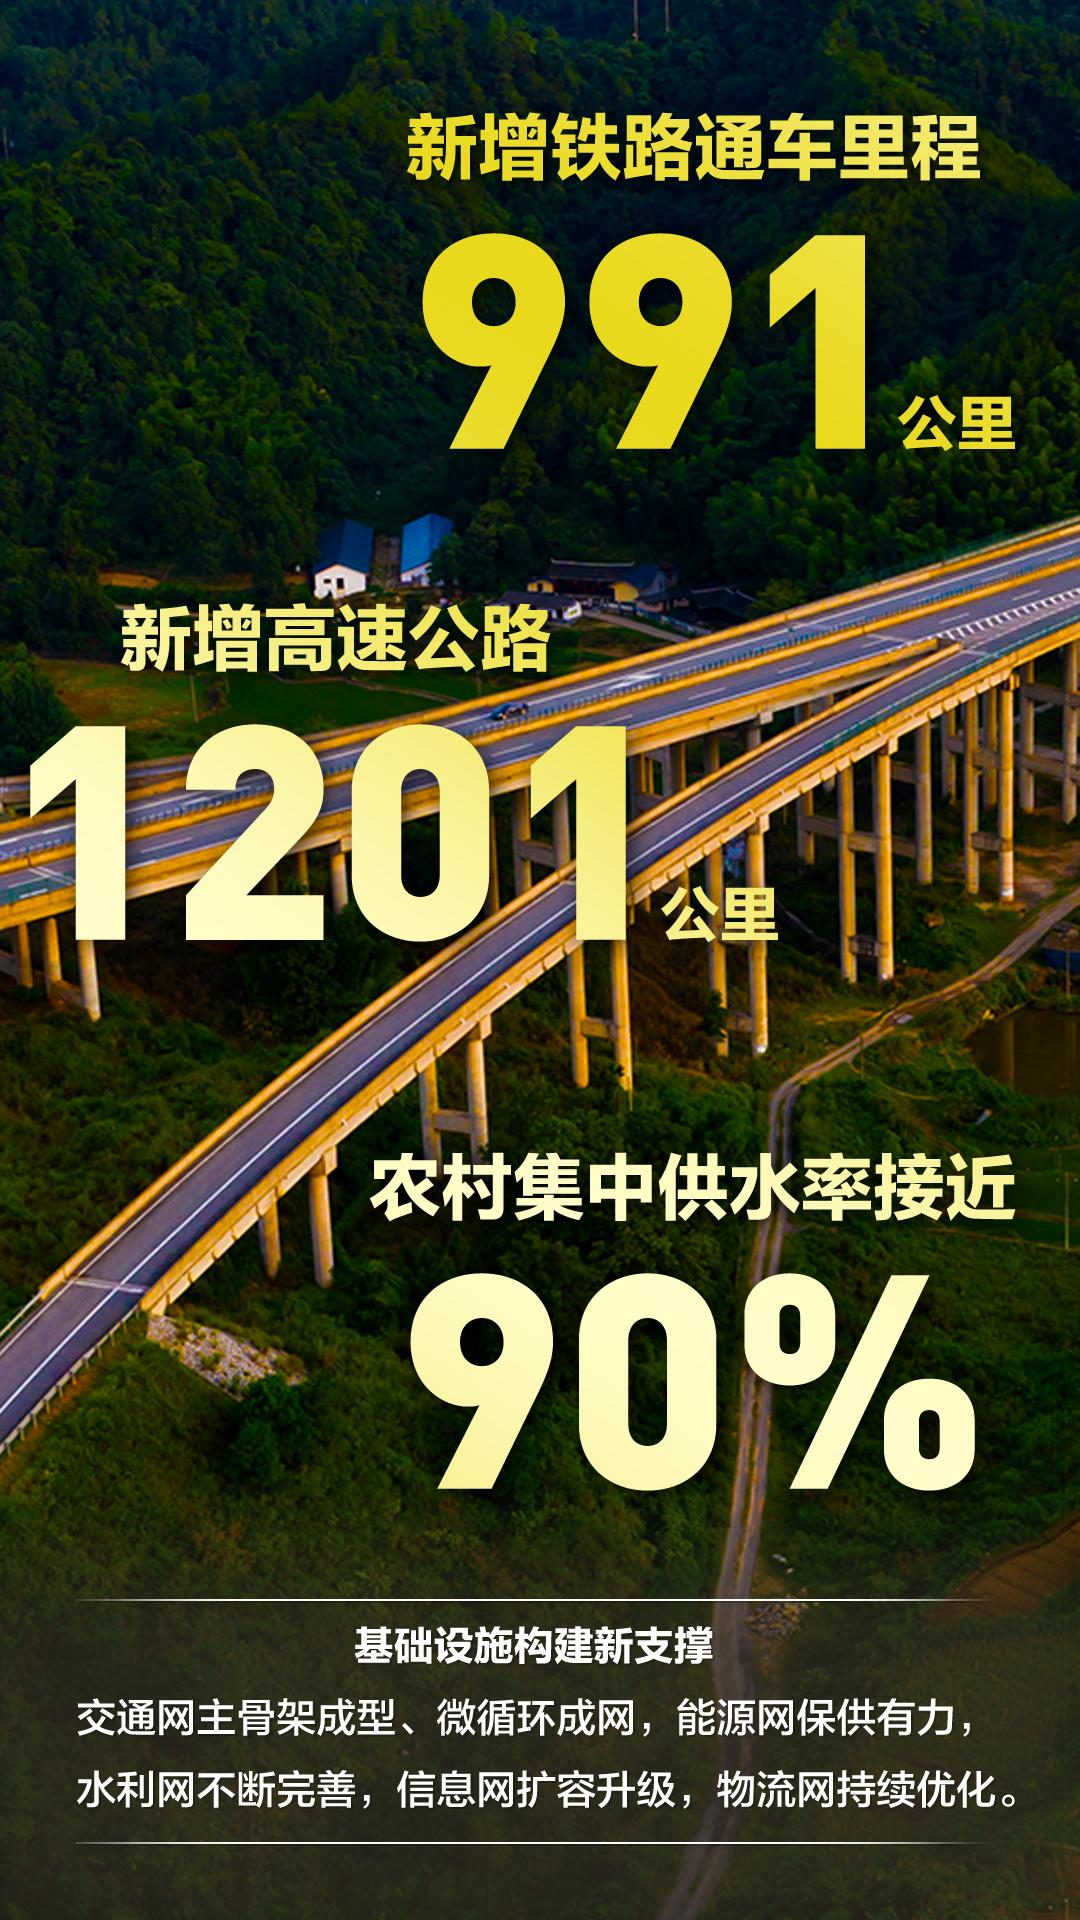 基础设施.jpg